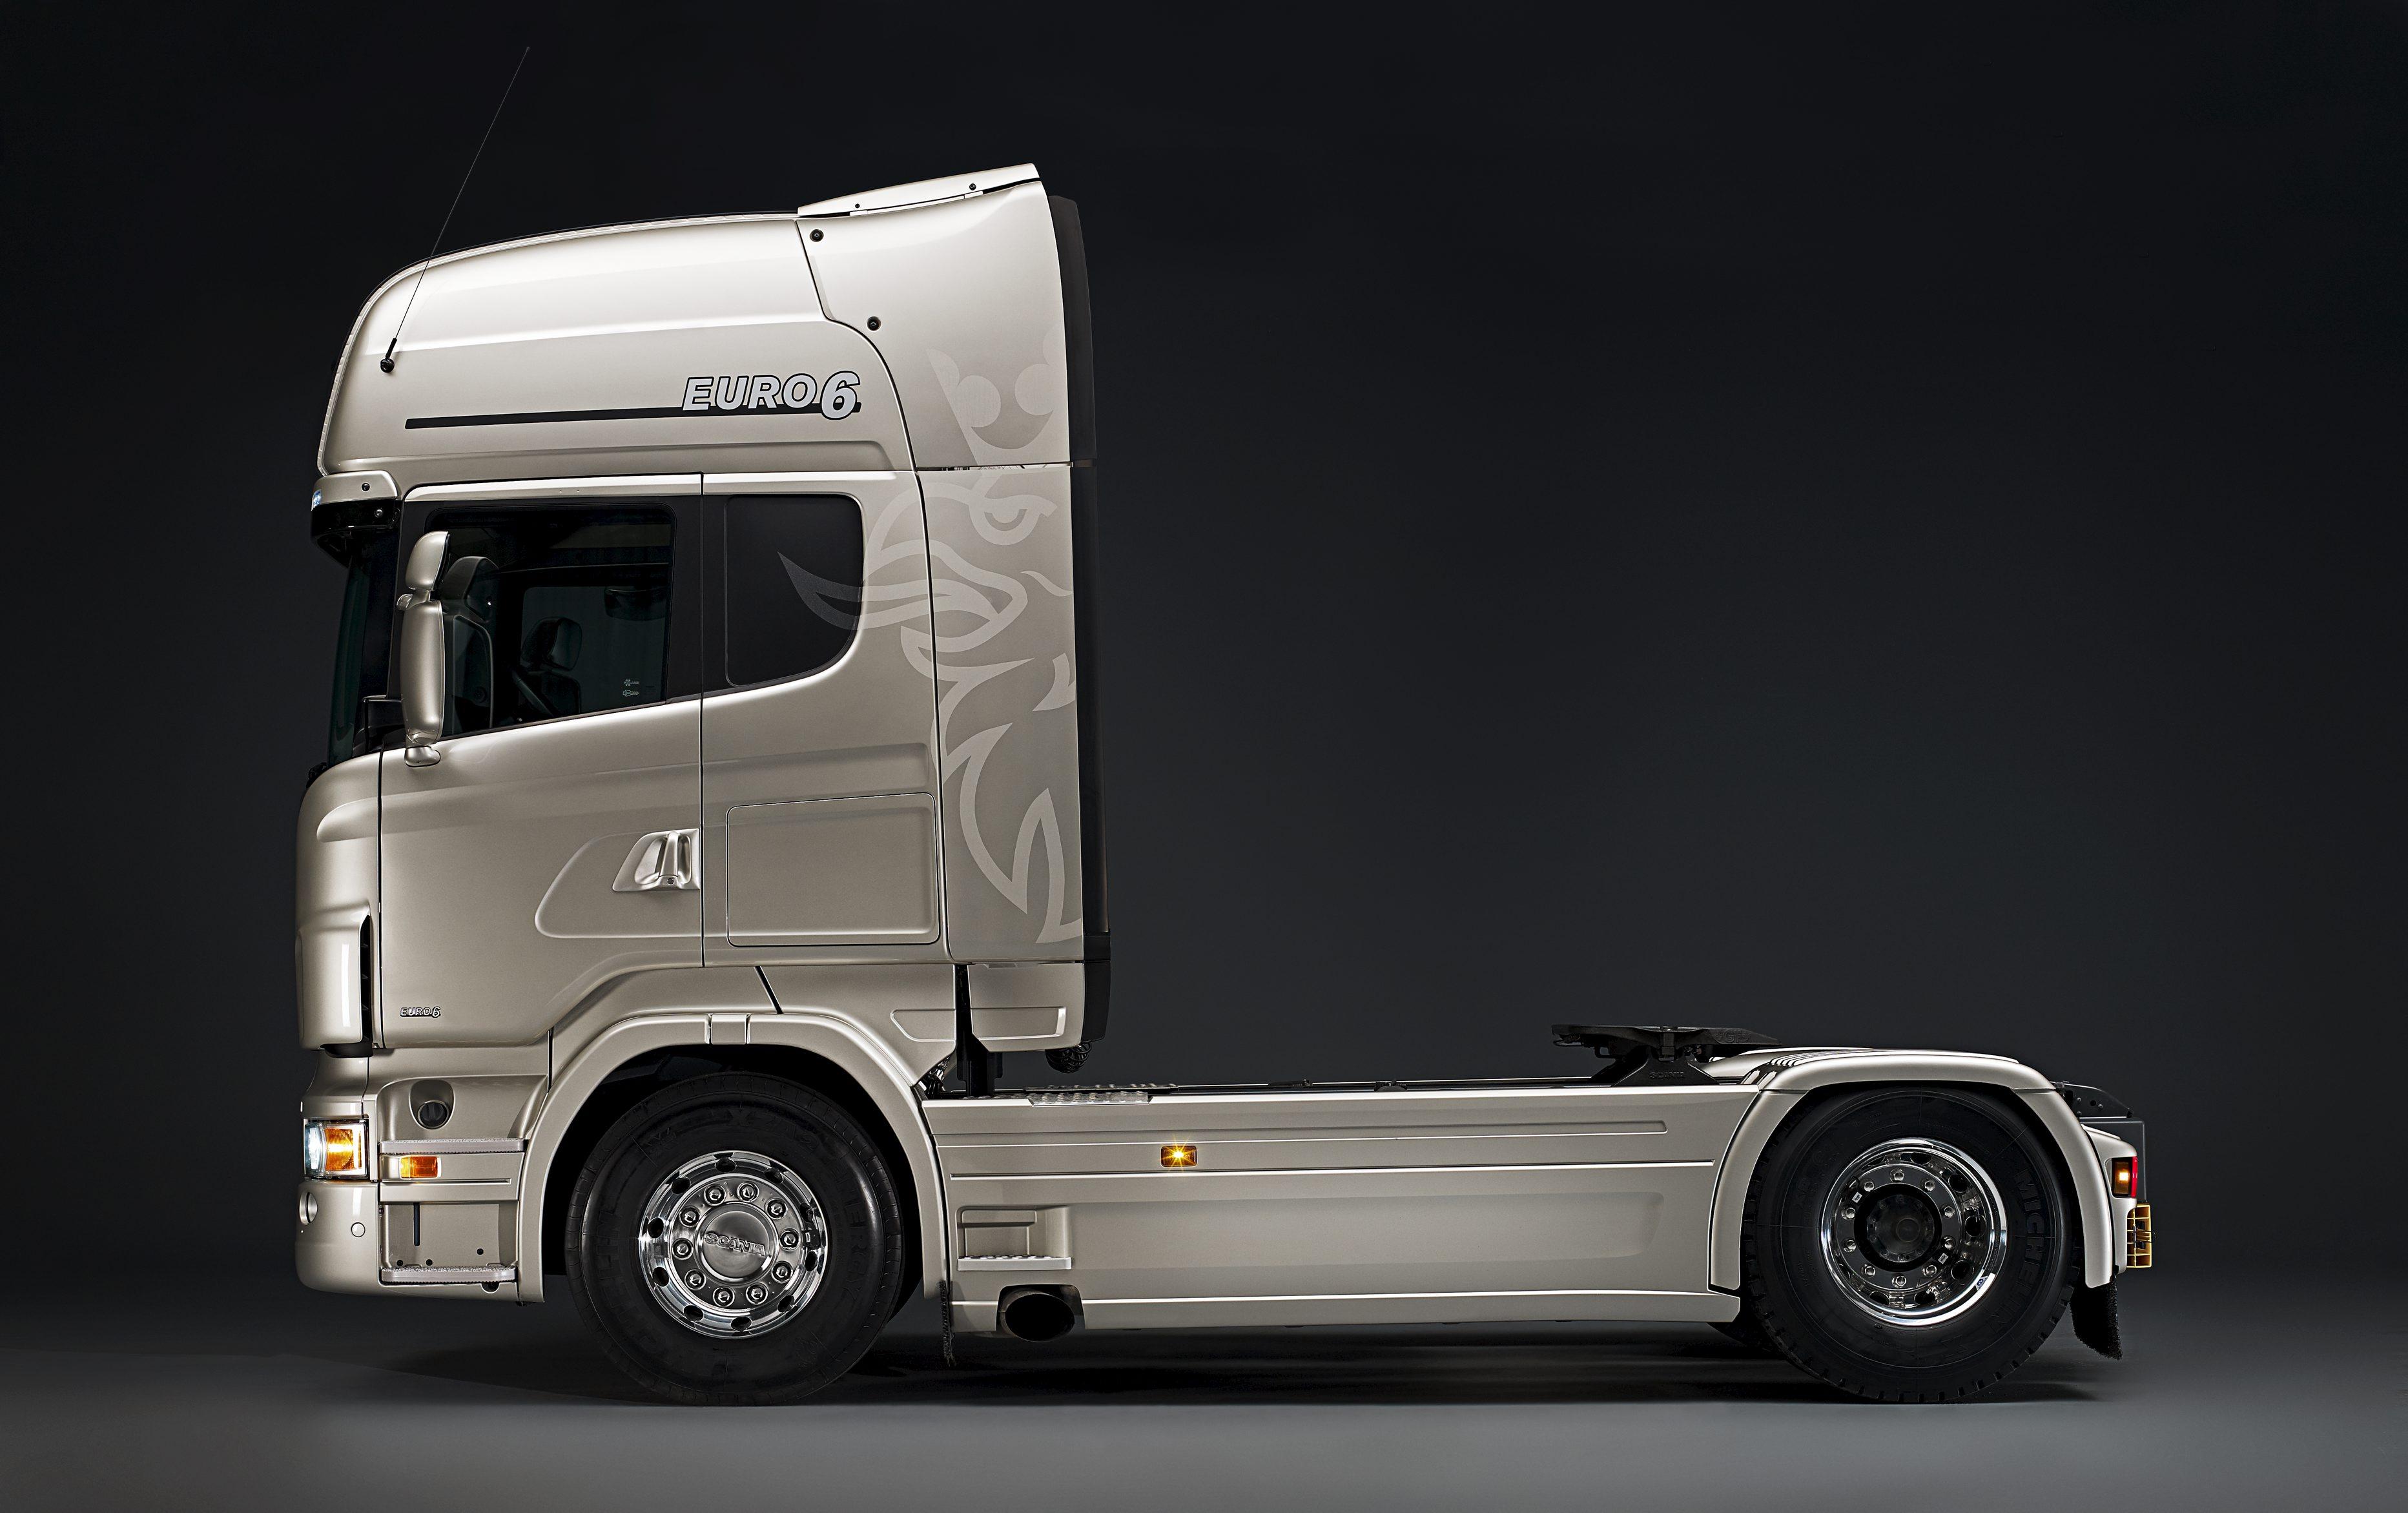 каждом них грузовик картинка в профиль зритель может